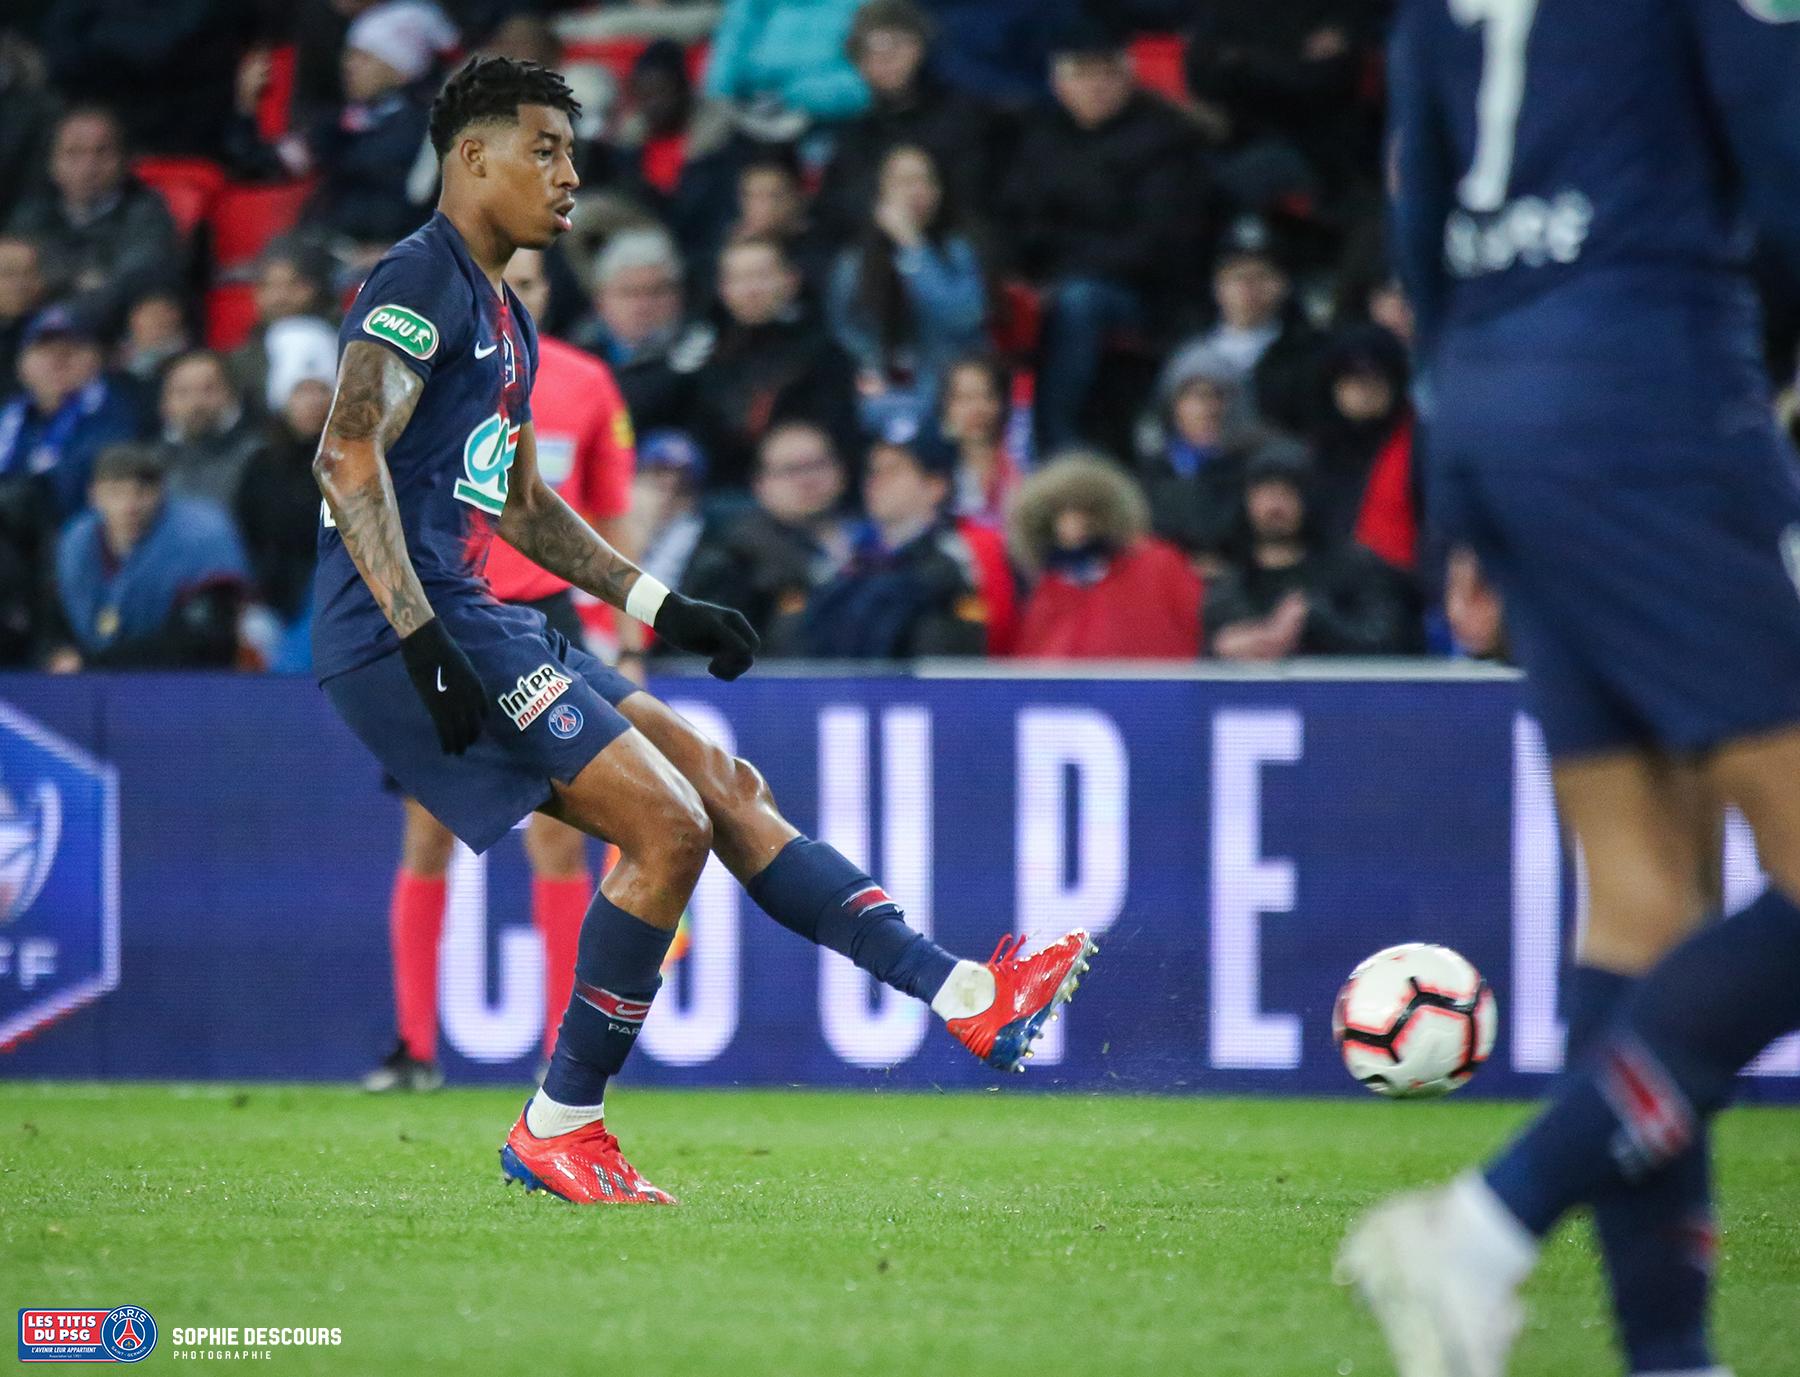 Presnel Kimpembe pendant la demi finale de la coupe de France PSG-FC NANTES